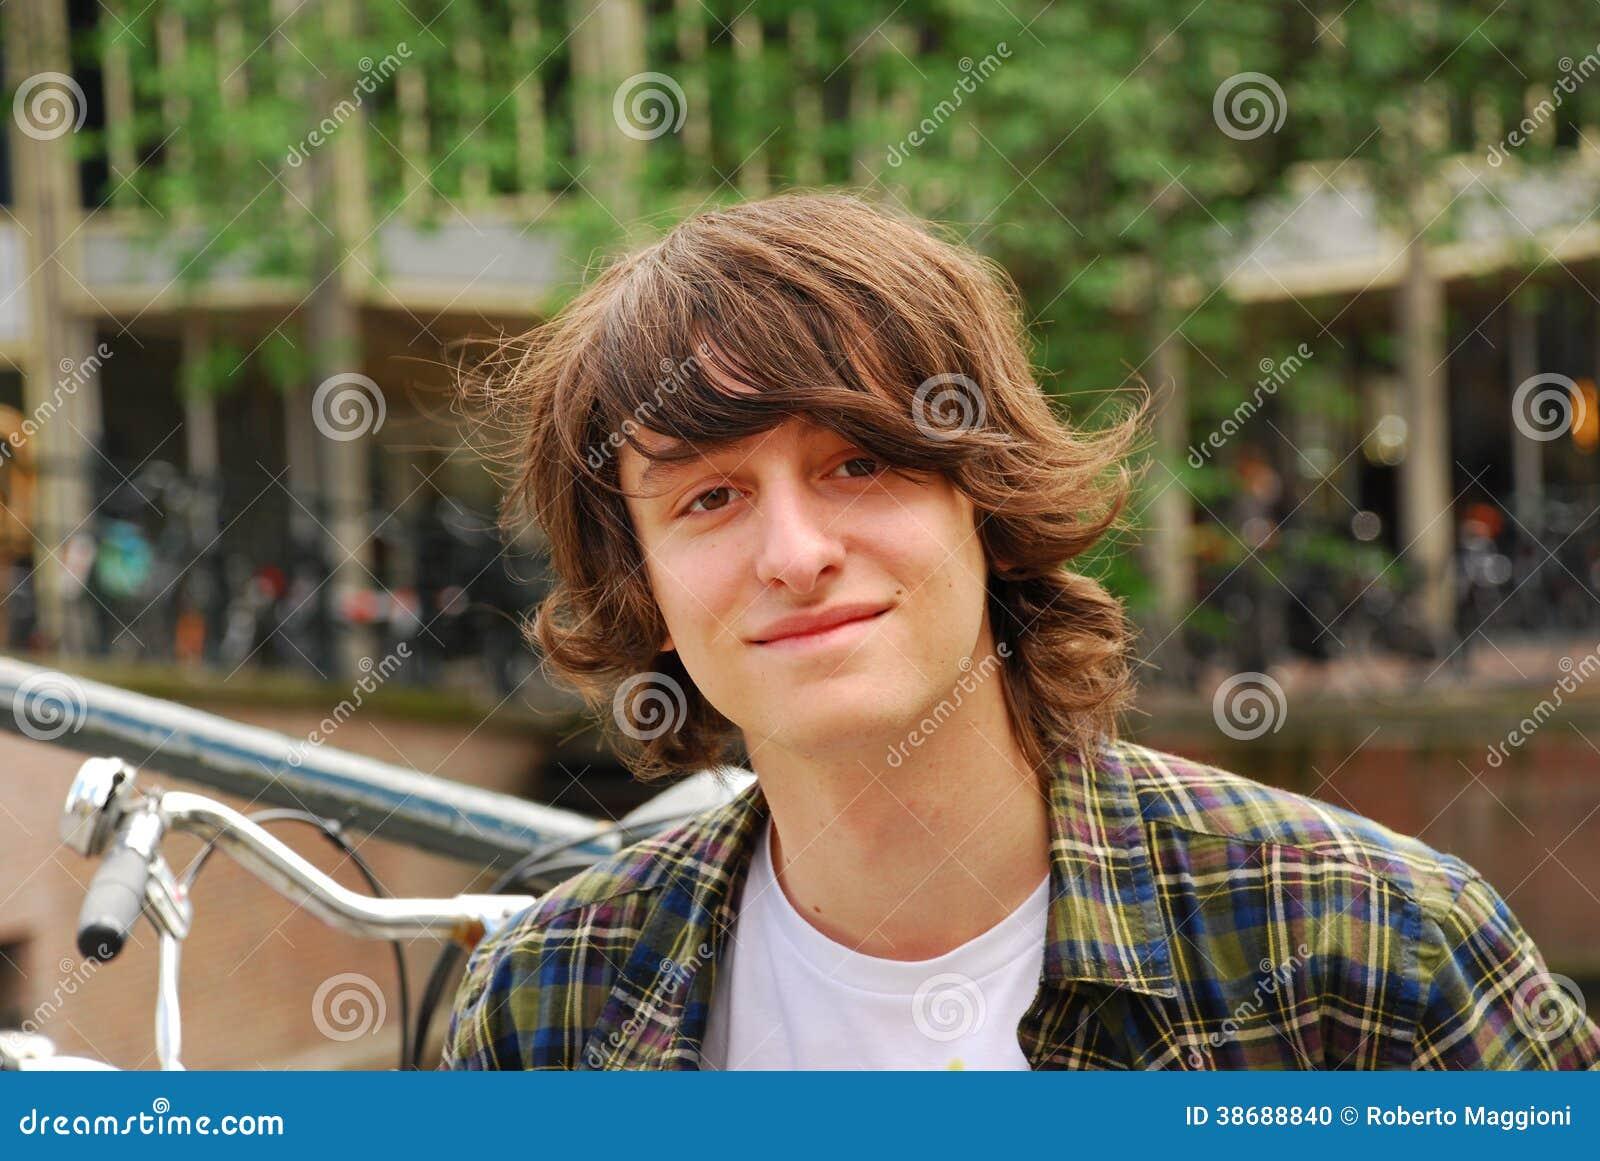 Jungenporträt 16 Jahre Alte Jugendliche Mit Dem Langen Haar